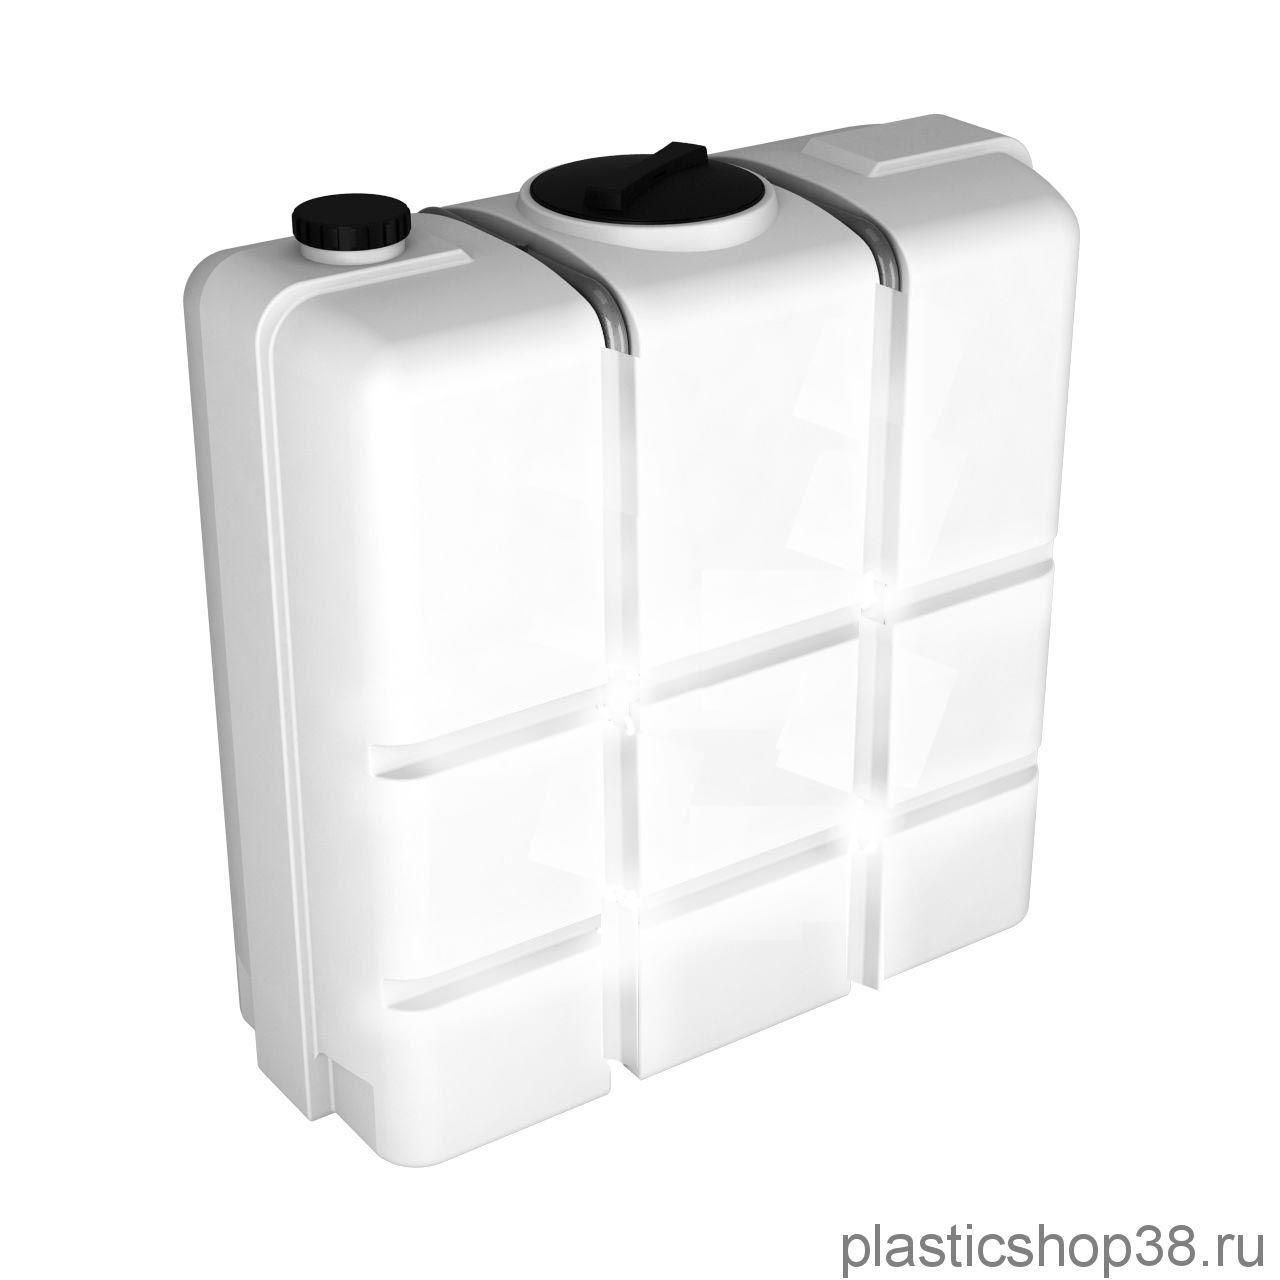 Емкость К 1000 литров пластиковая